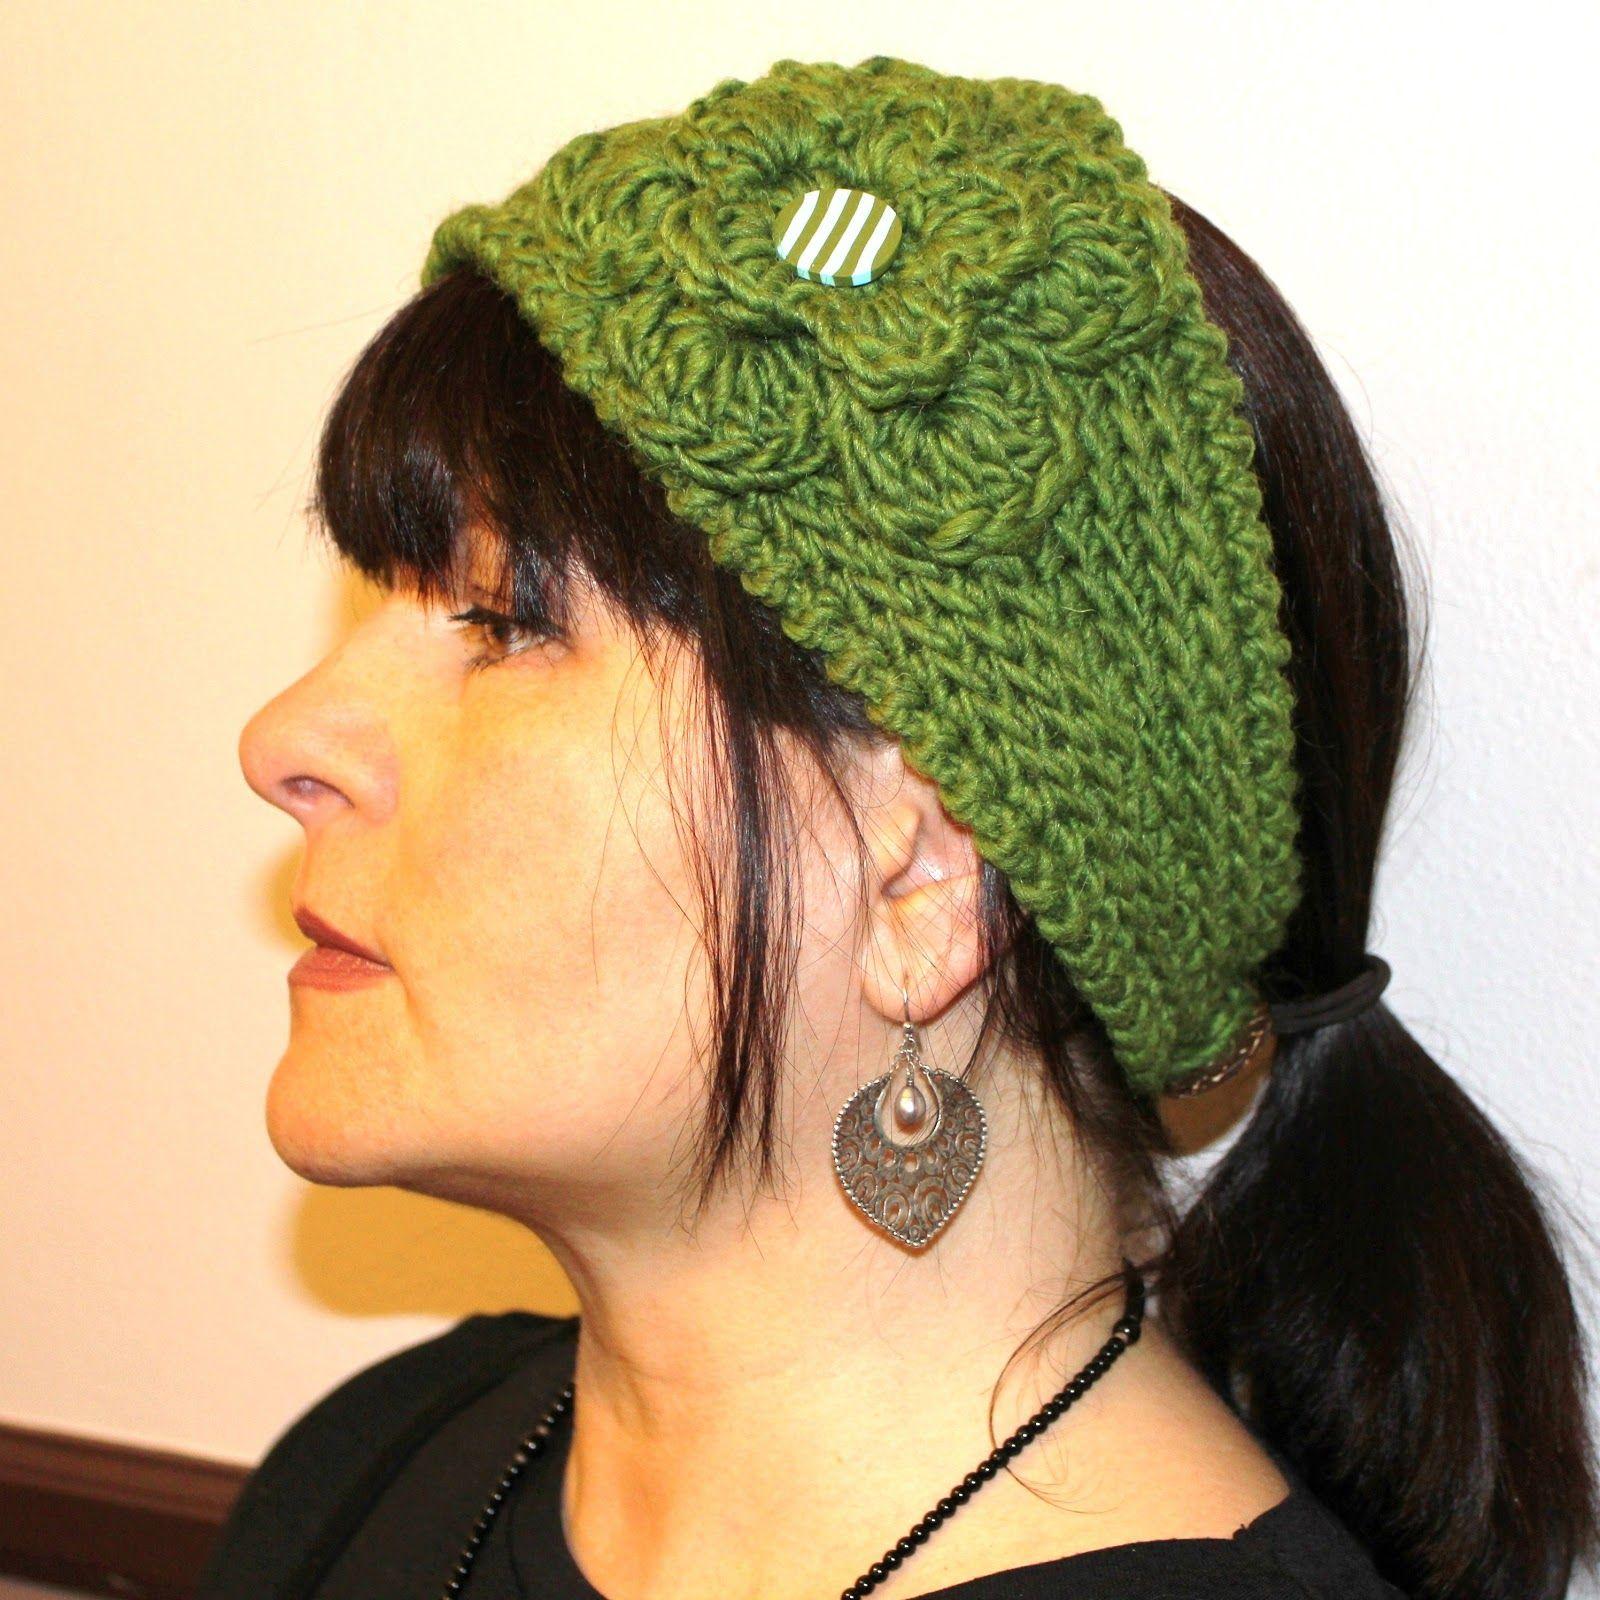 CROCHET PATTERN - Fast Crochet Headband Kayla Bulky Weight Yarn Two ...